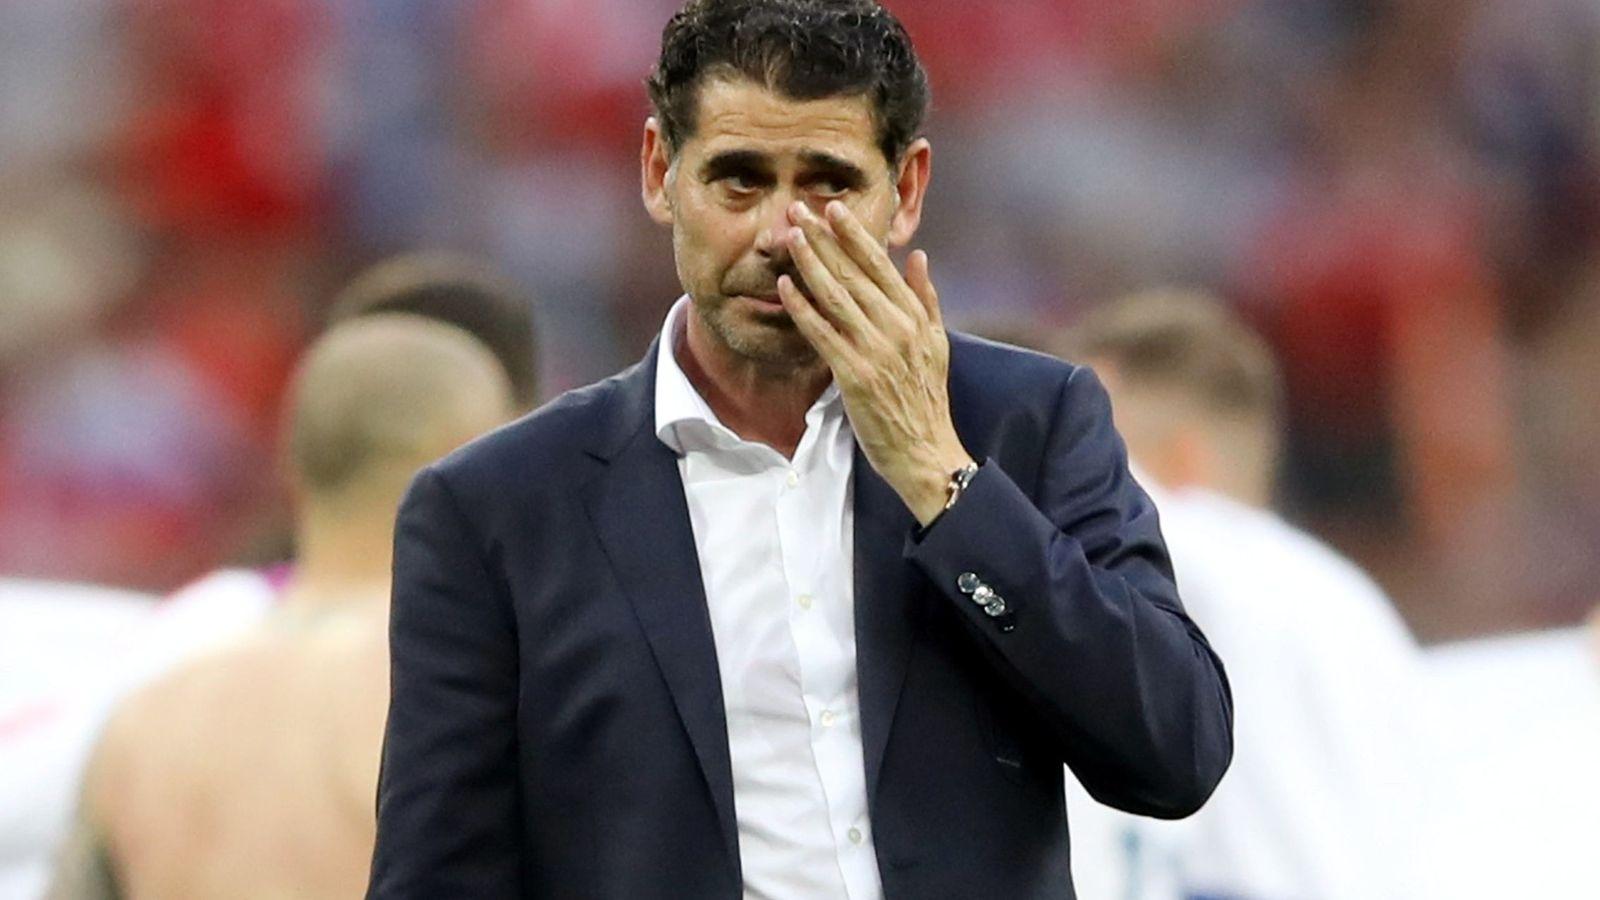 Foto: Fernando Hierro con gesto de decepción tras la eliminación de España en el Mundial de Rusia. (Reuters)